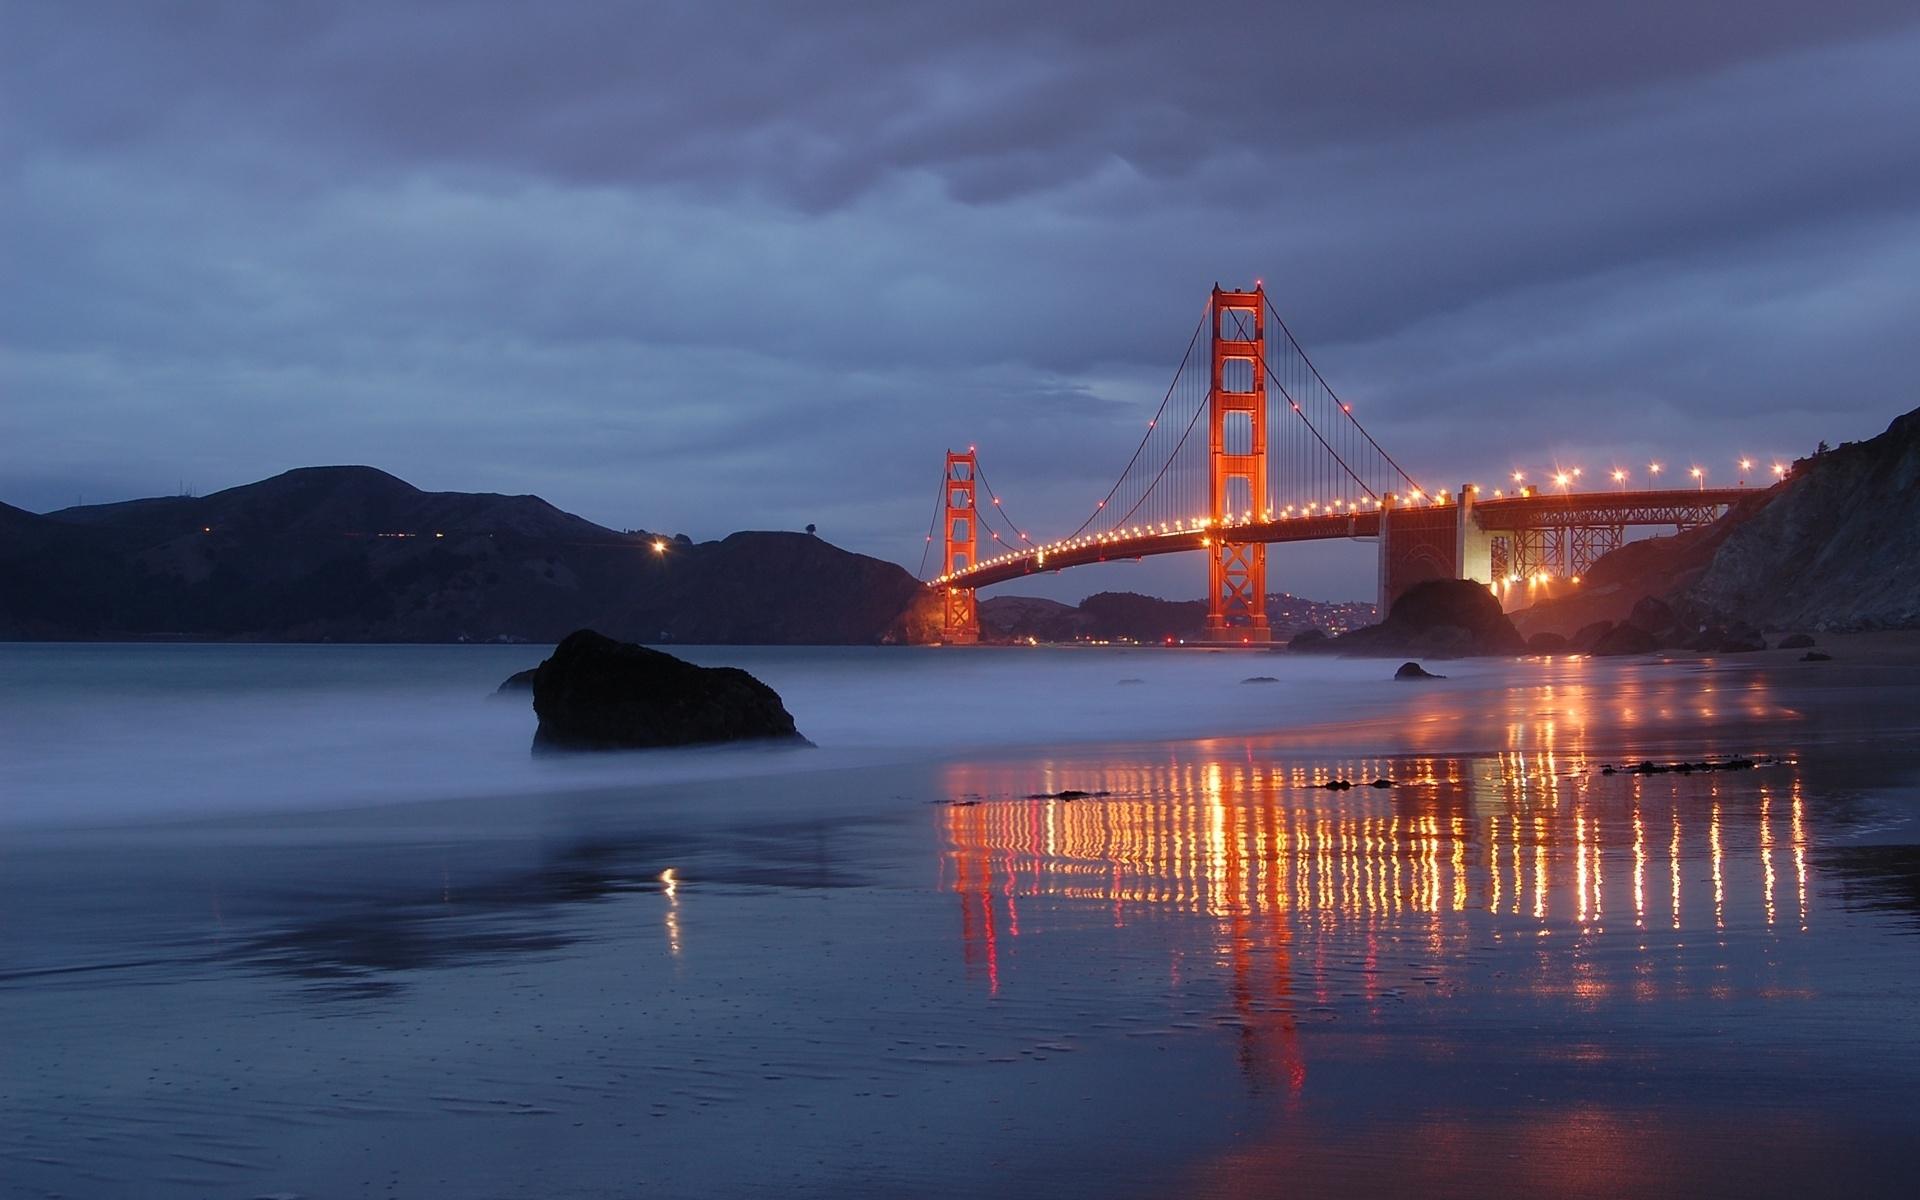 8284 Hintergrundbild herunterladen Landschaft, Flüsse, Bridges - Bildschirmschoner und Bilder kostenlos